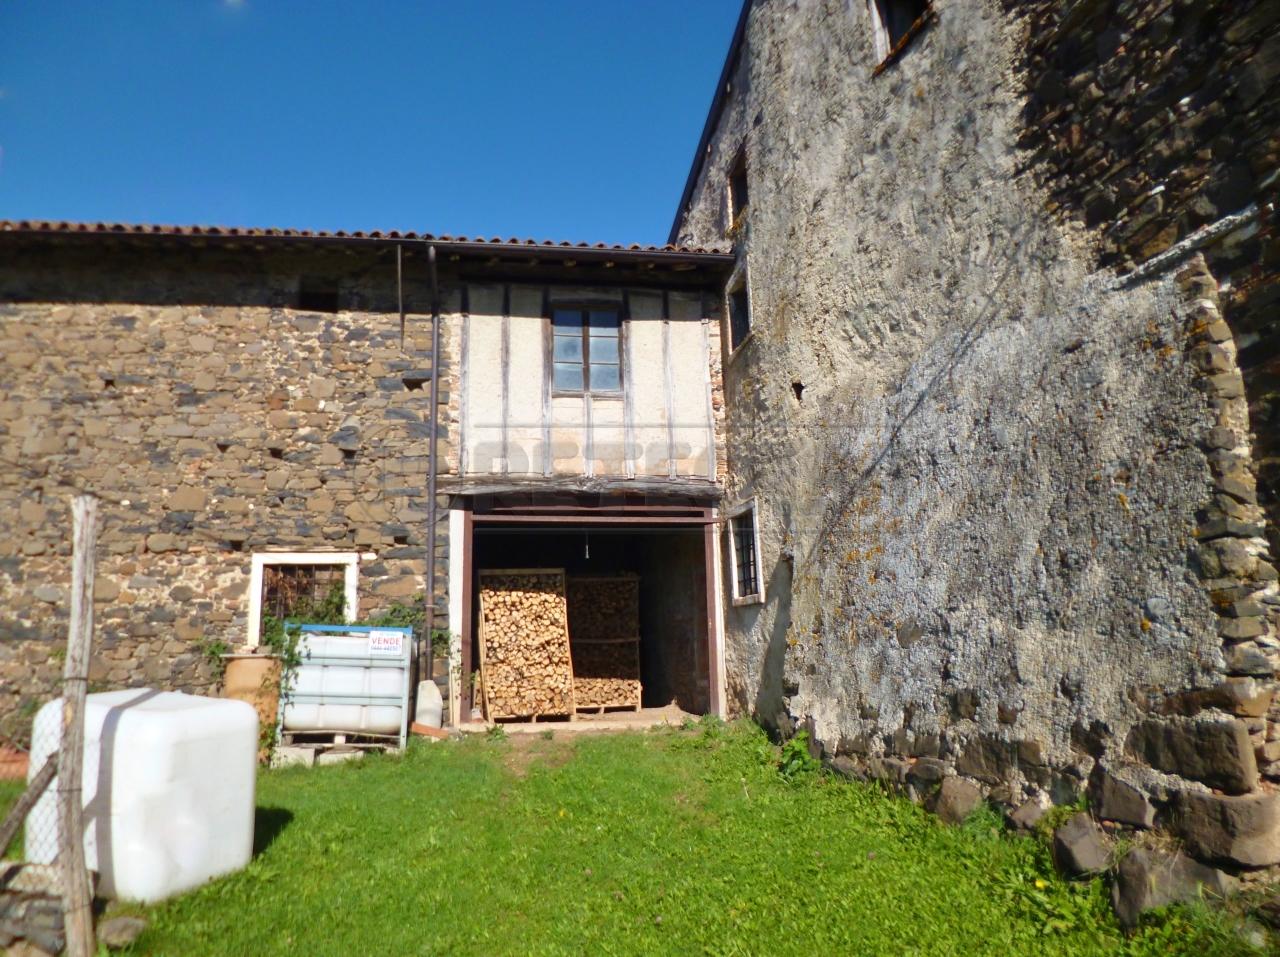 Rustico / Casale in vendita a Nogarole Vicentino, 9999 locali, prezzo € 15.000 | Cambio Casa.it